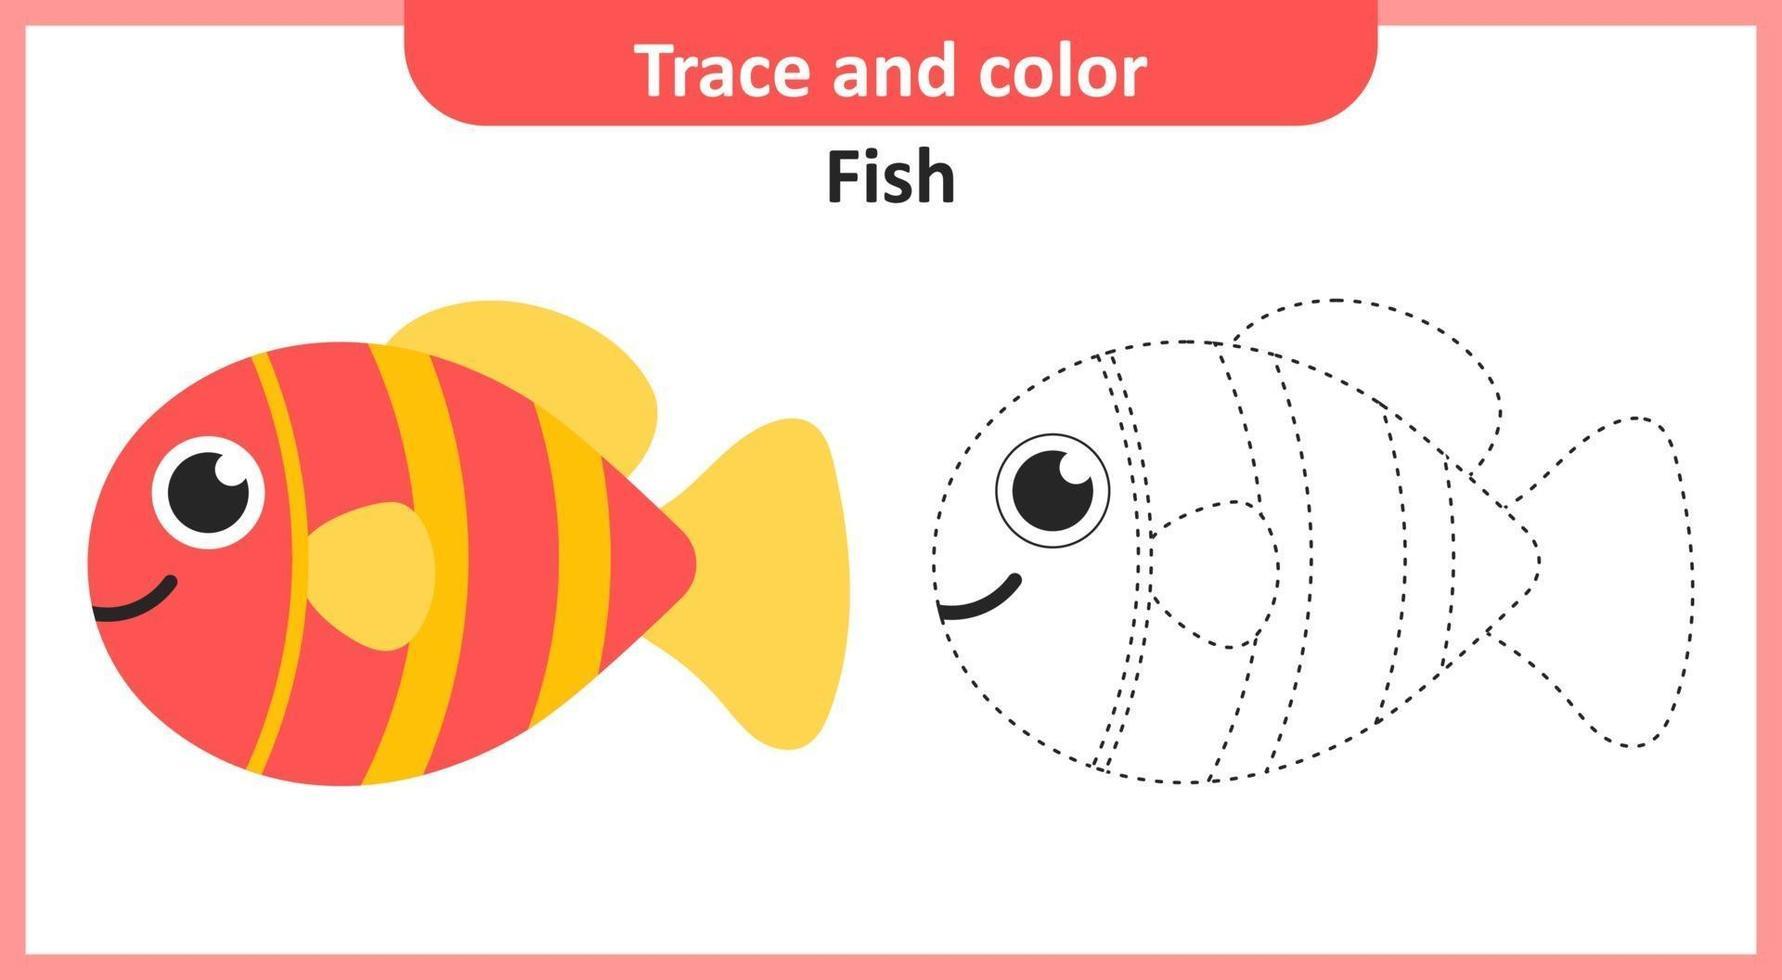 rastrear y colorear peces vector